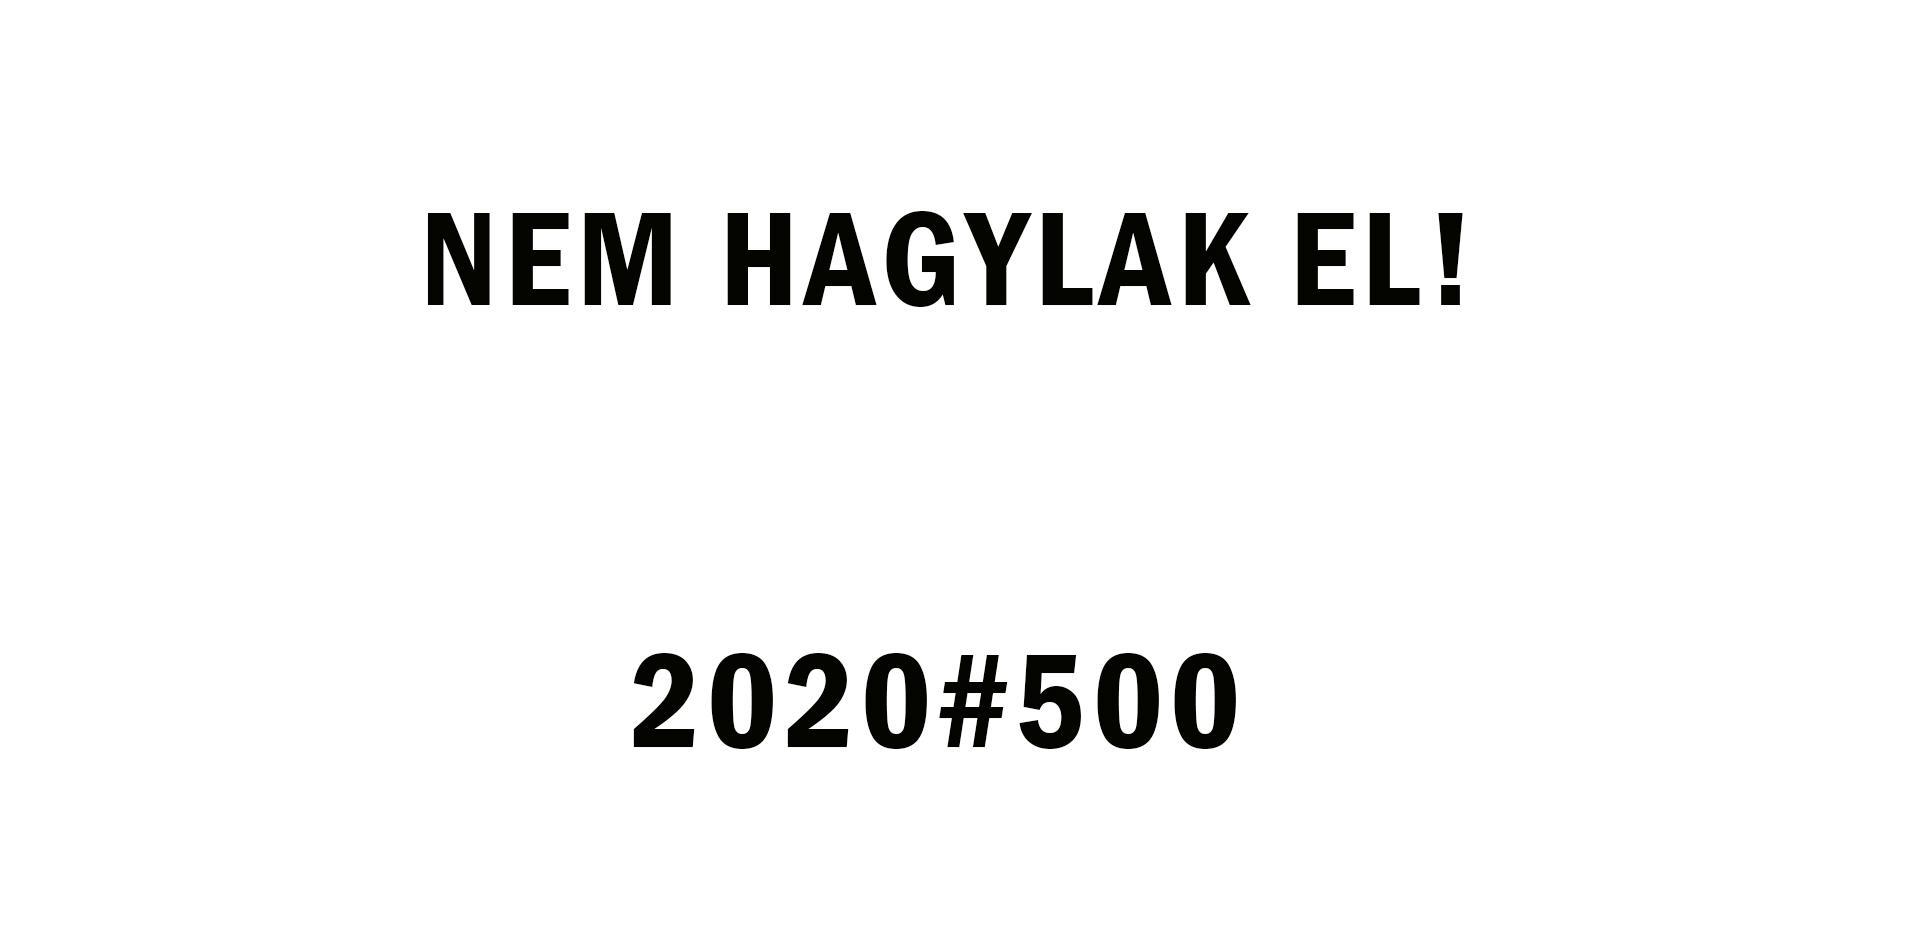 NEM HAGYLAK EL! 2020#500